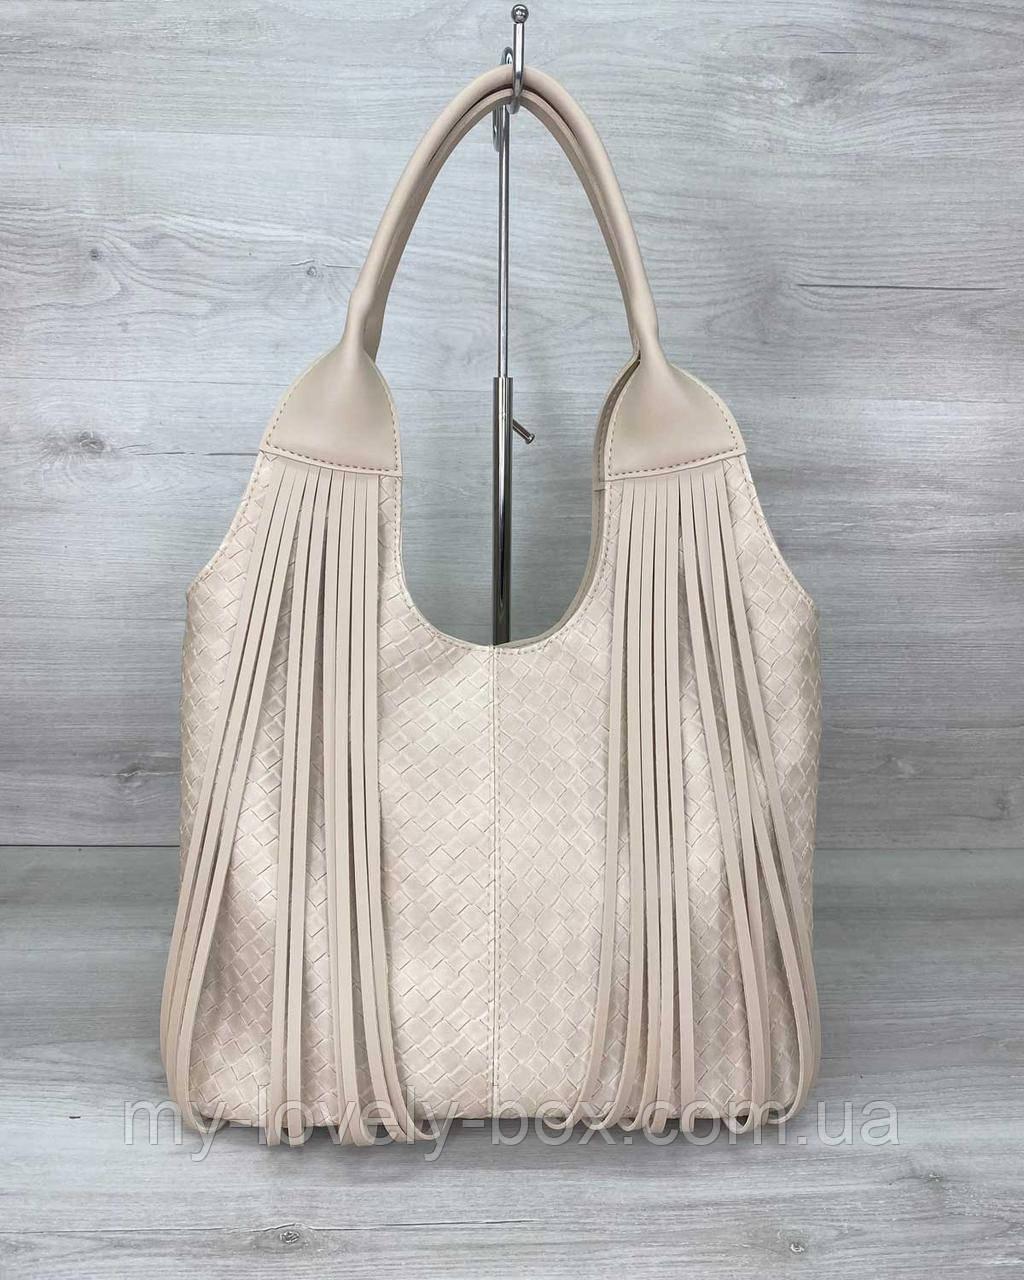 Жіноча сумка «Хелен» бежева плетена